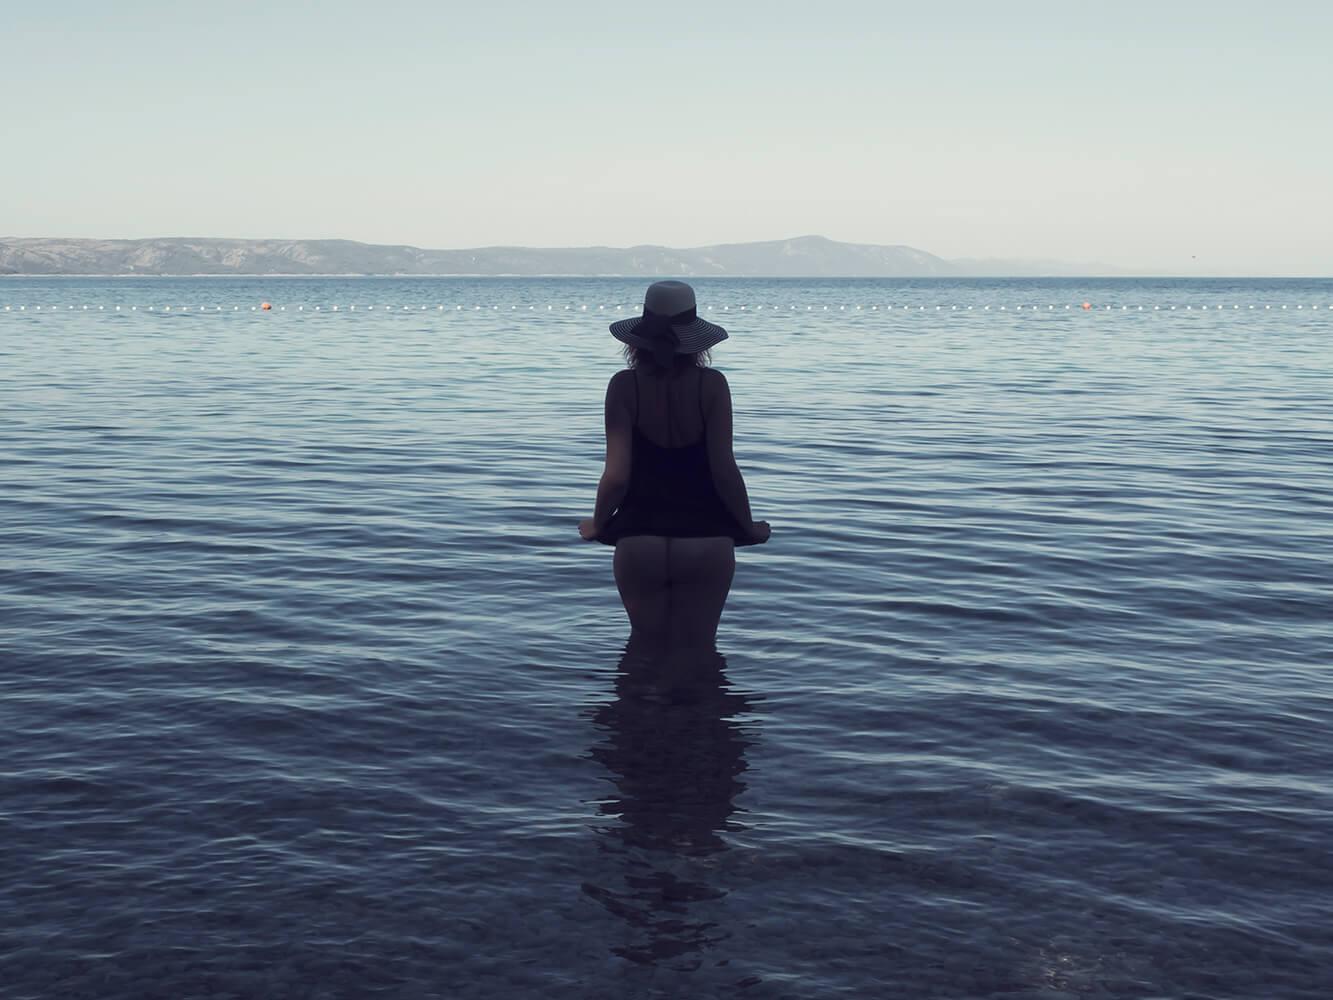 ženský umělecký akt v moři laděný do modra